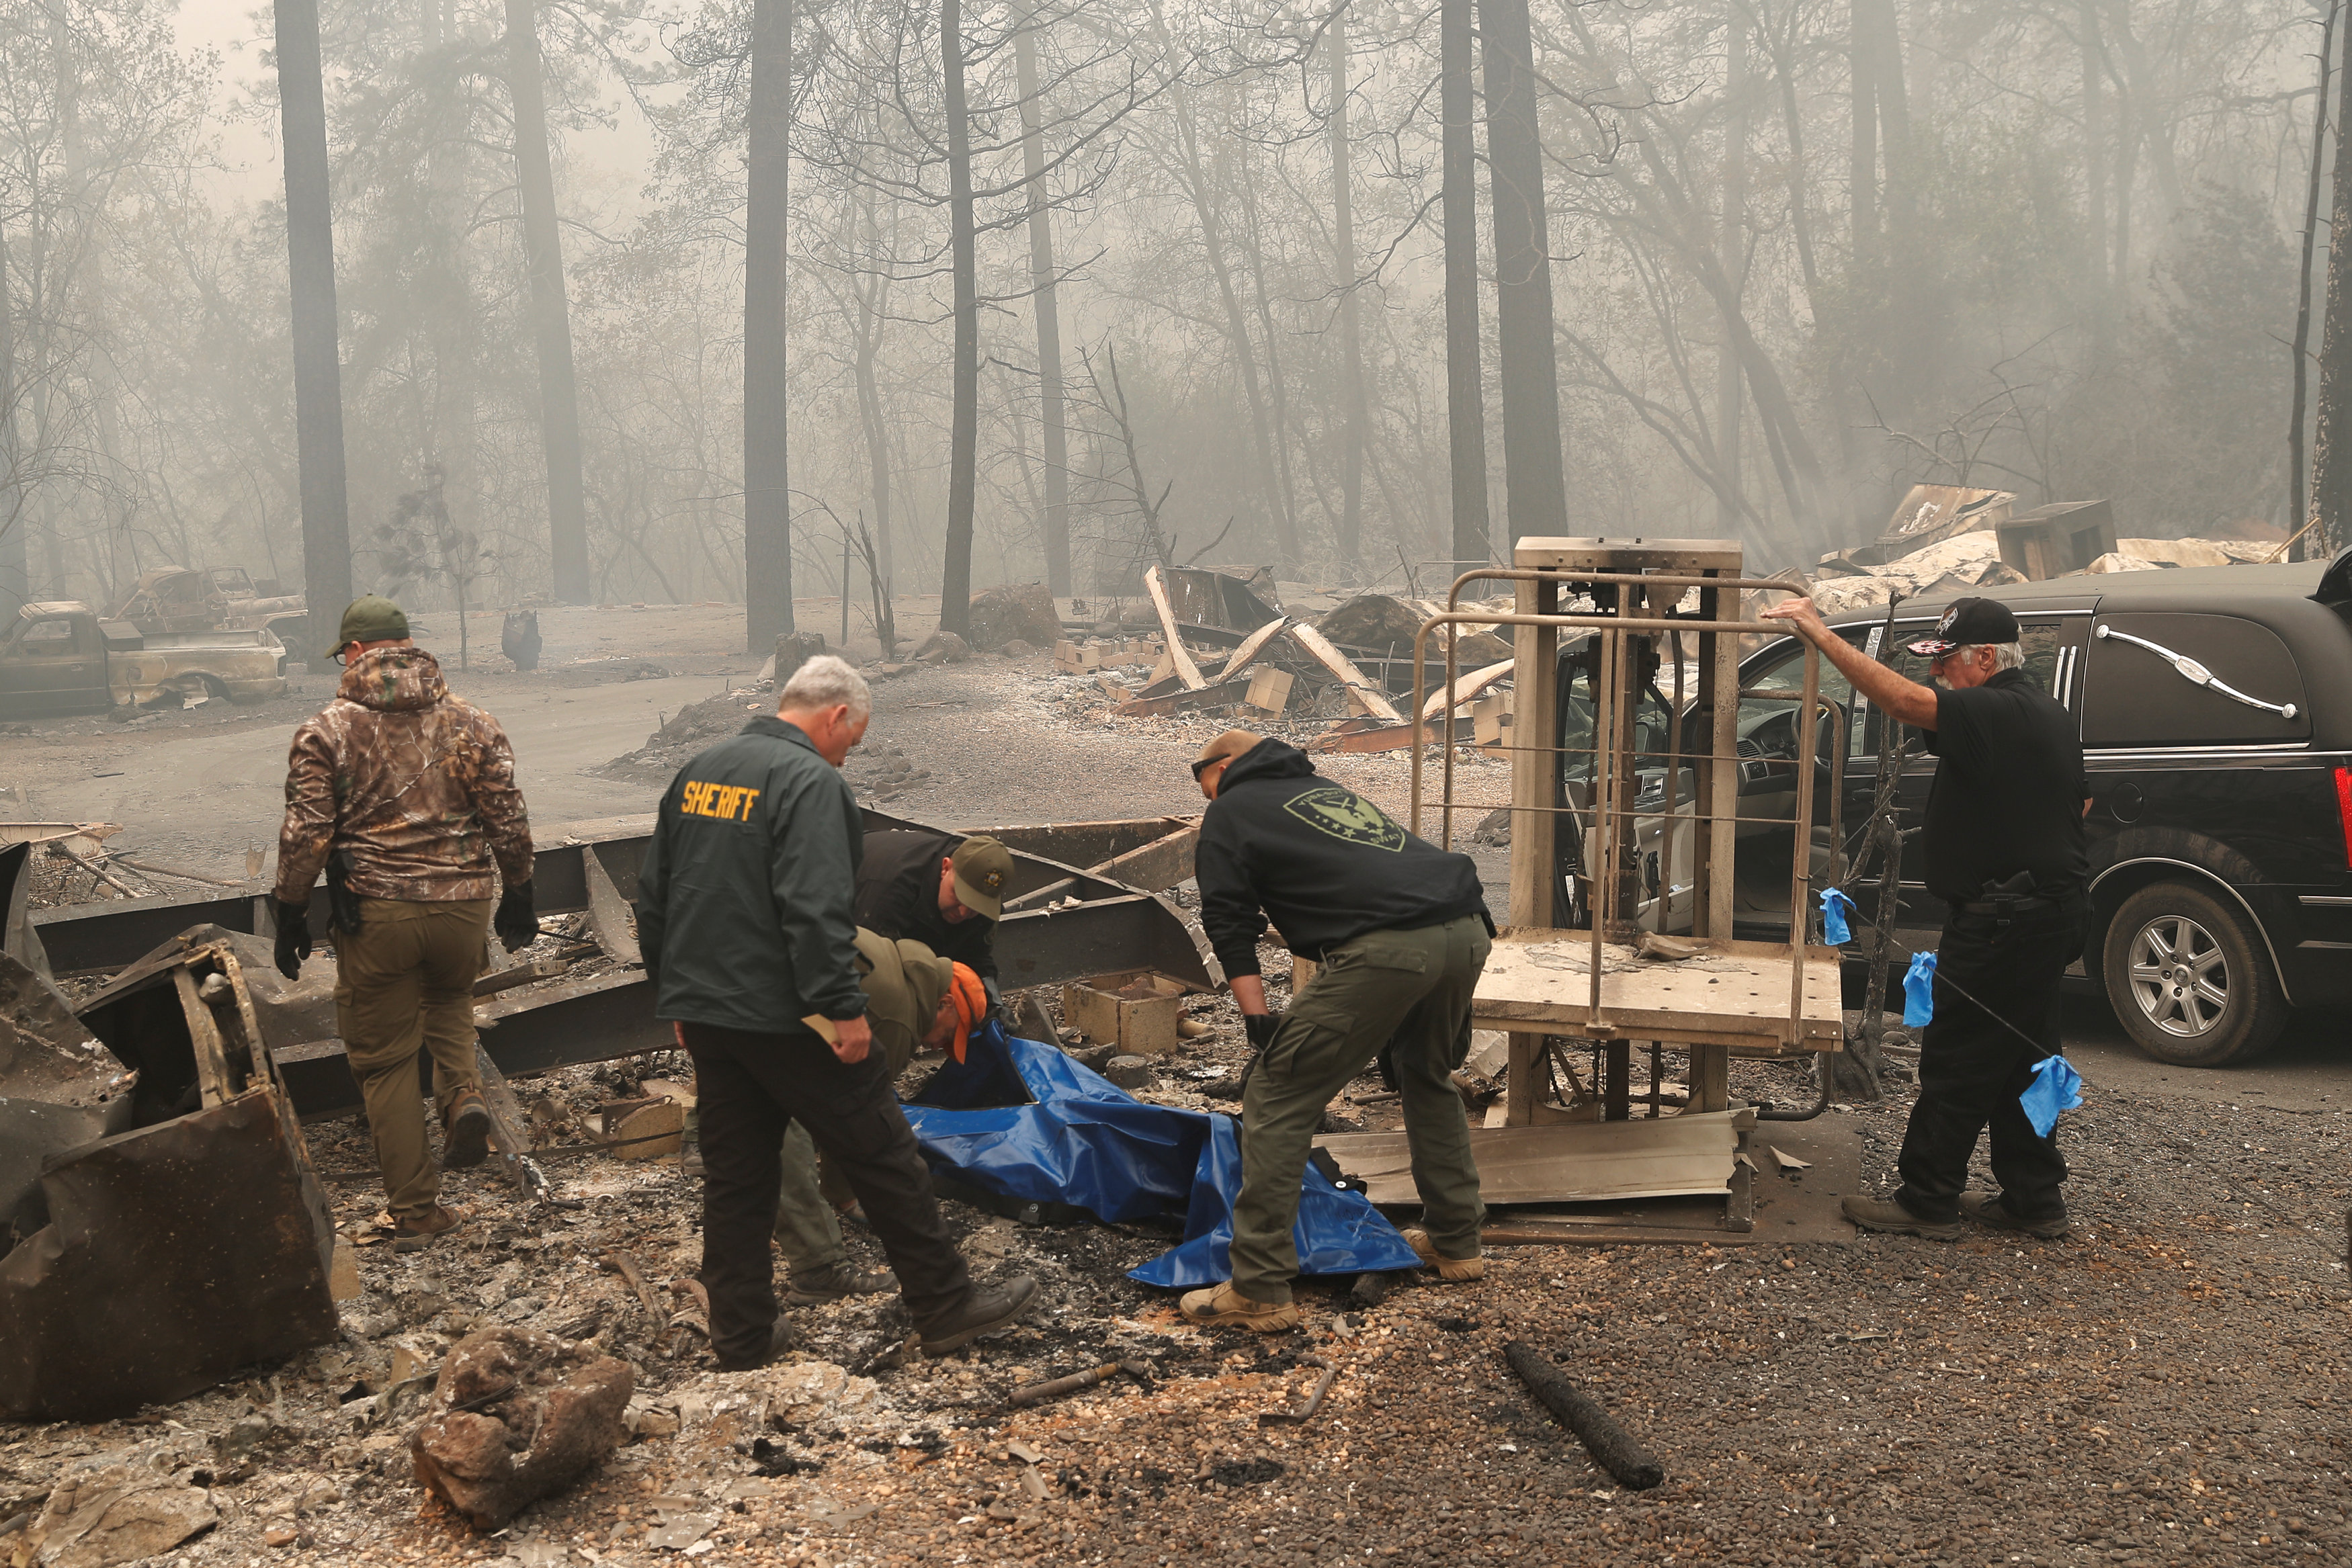 pyrini-kolasi-stin-kalifornia-25-nekroi-amp-8211-anypologistes-katastrofes-fotografies6